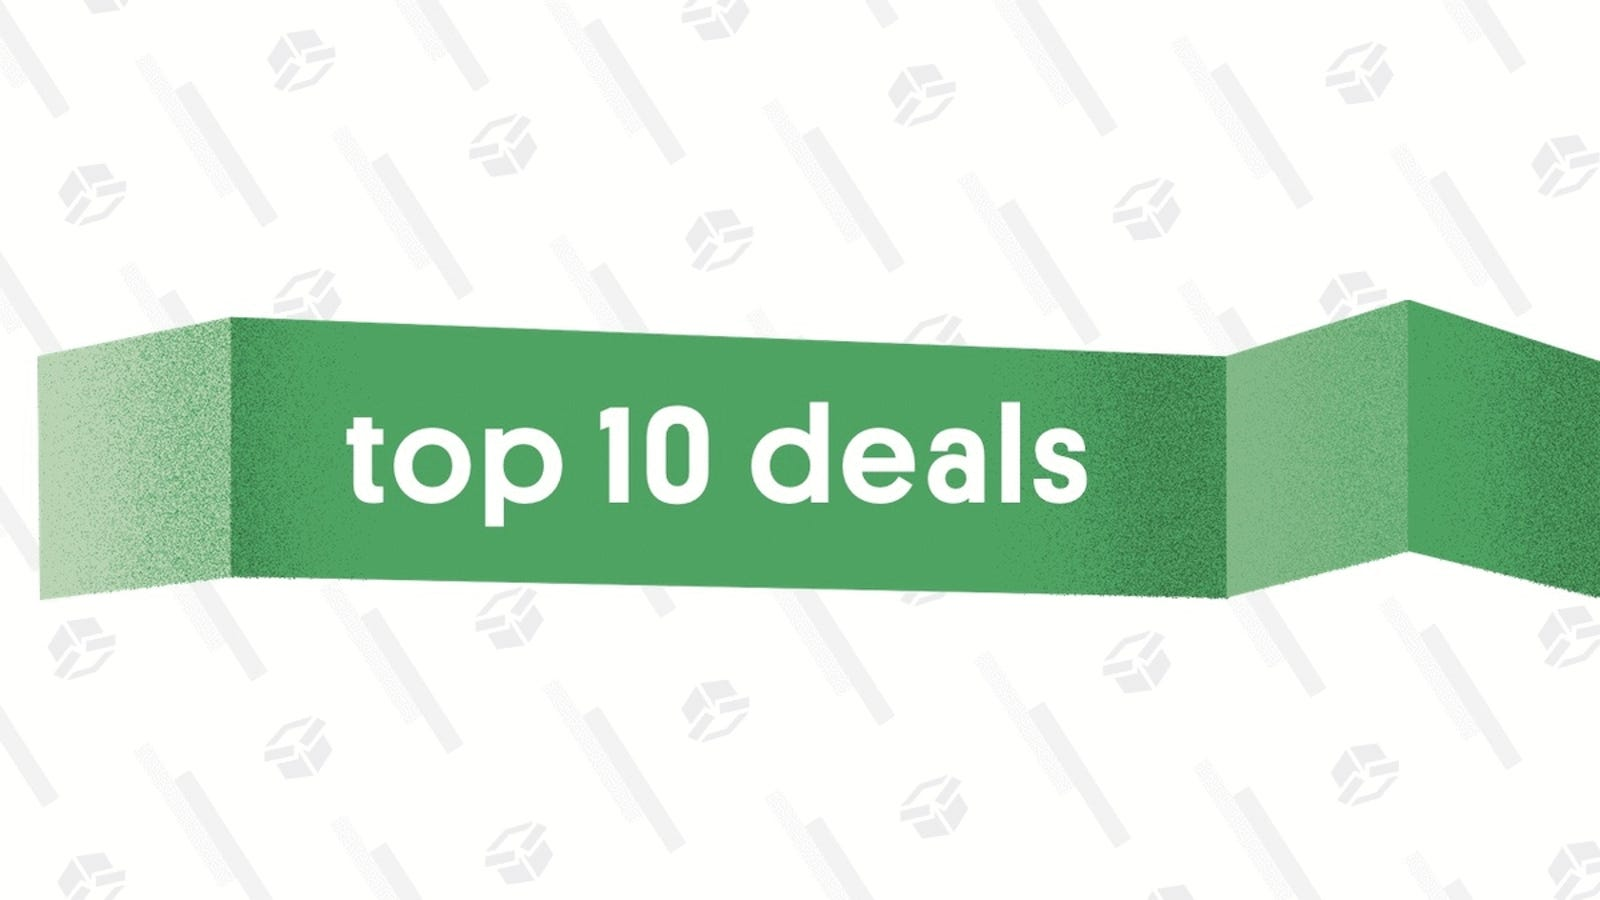 The 10 Best Deals of October 18, 2018